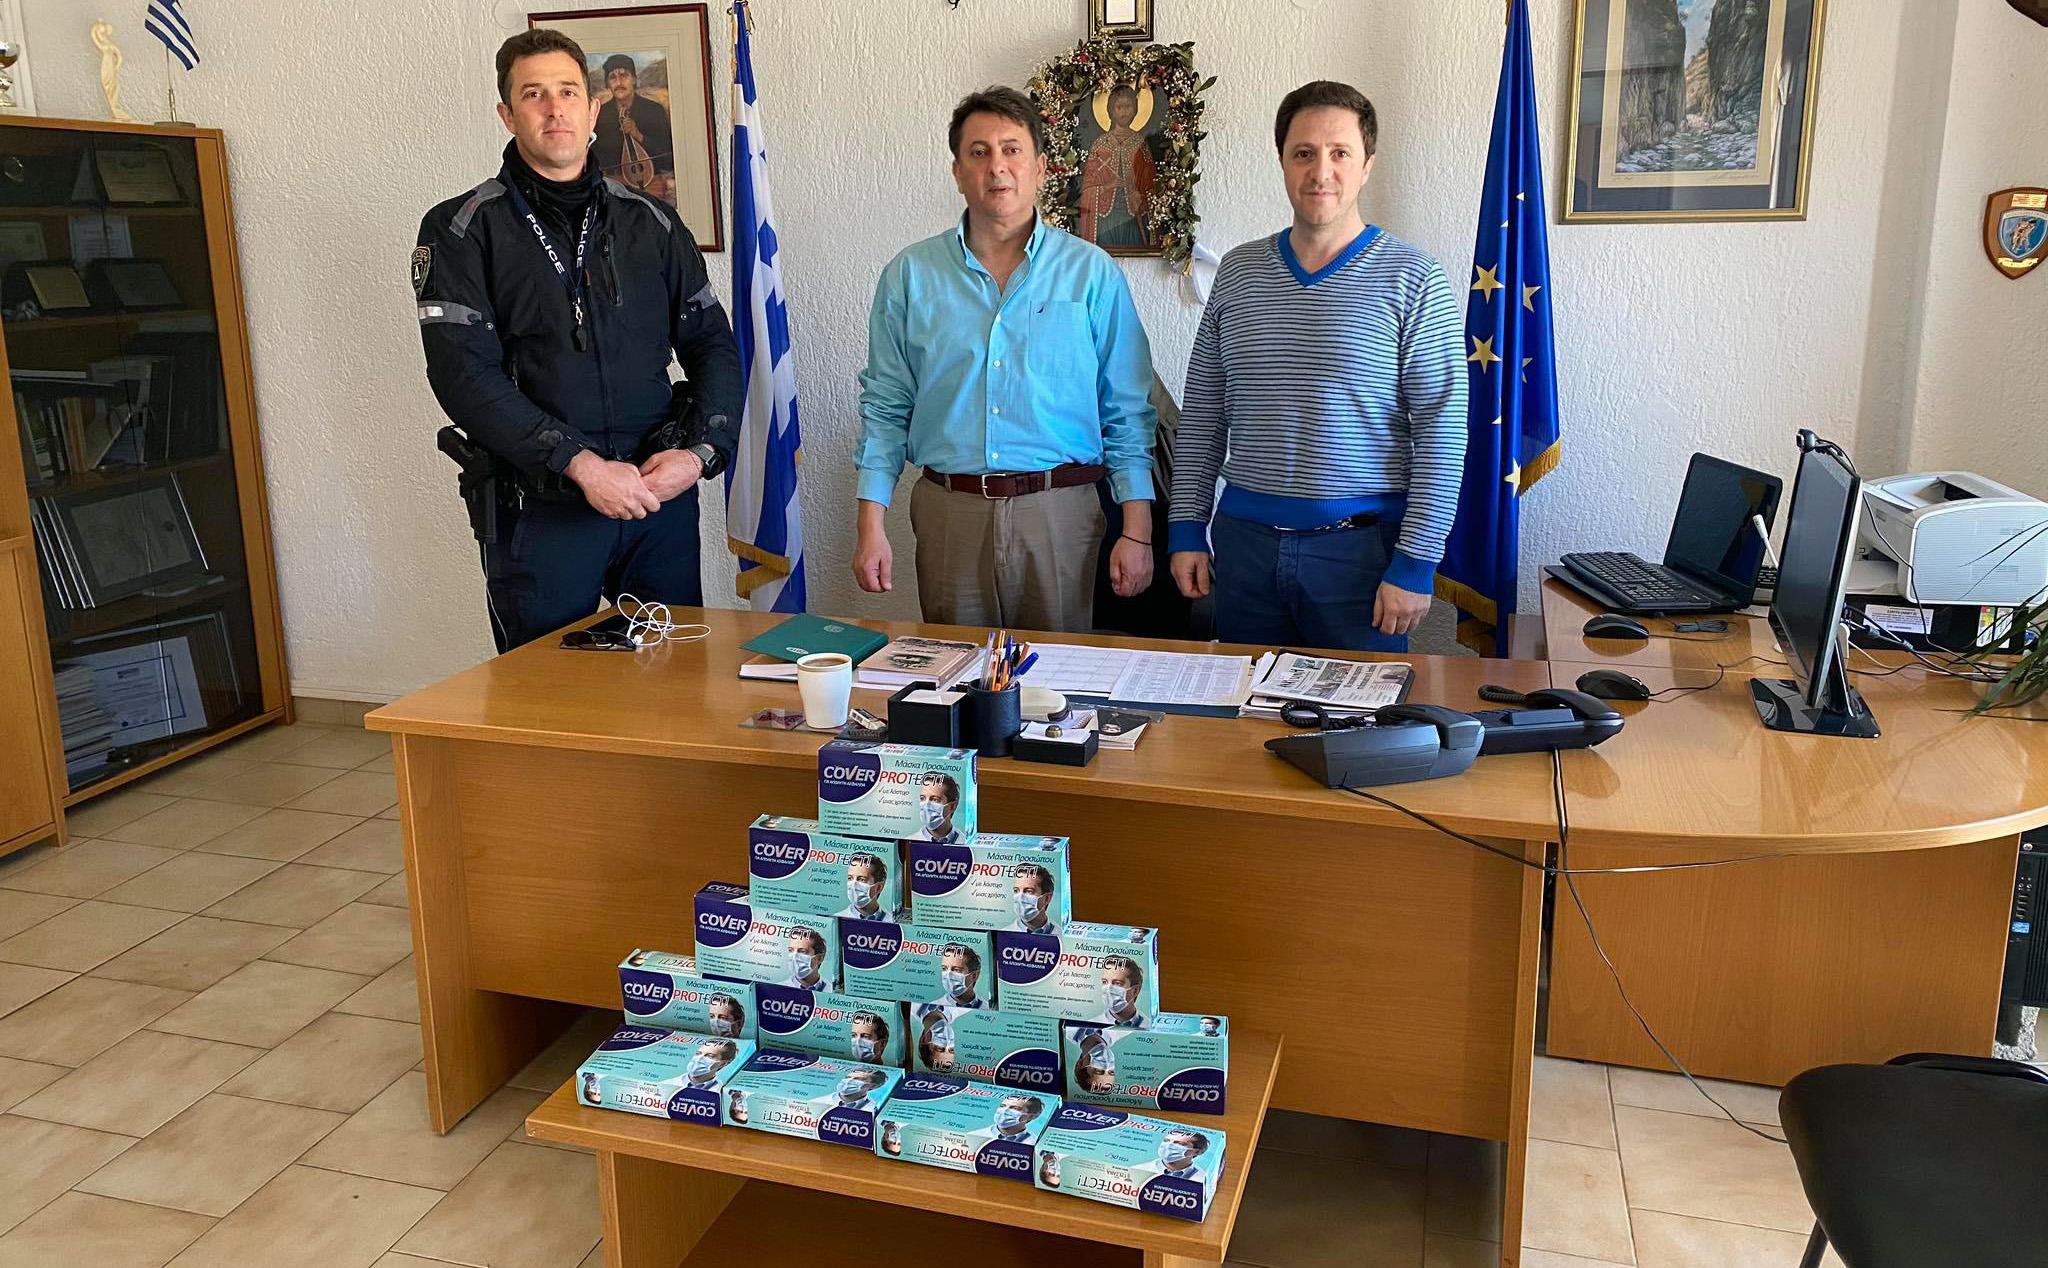 Προσφορά προστατευτικών μασκών στους Αστυνομικούς του Λασιθίου